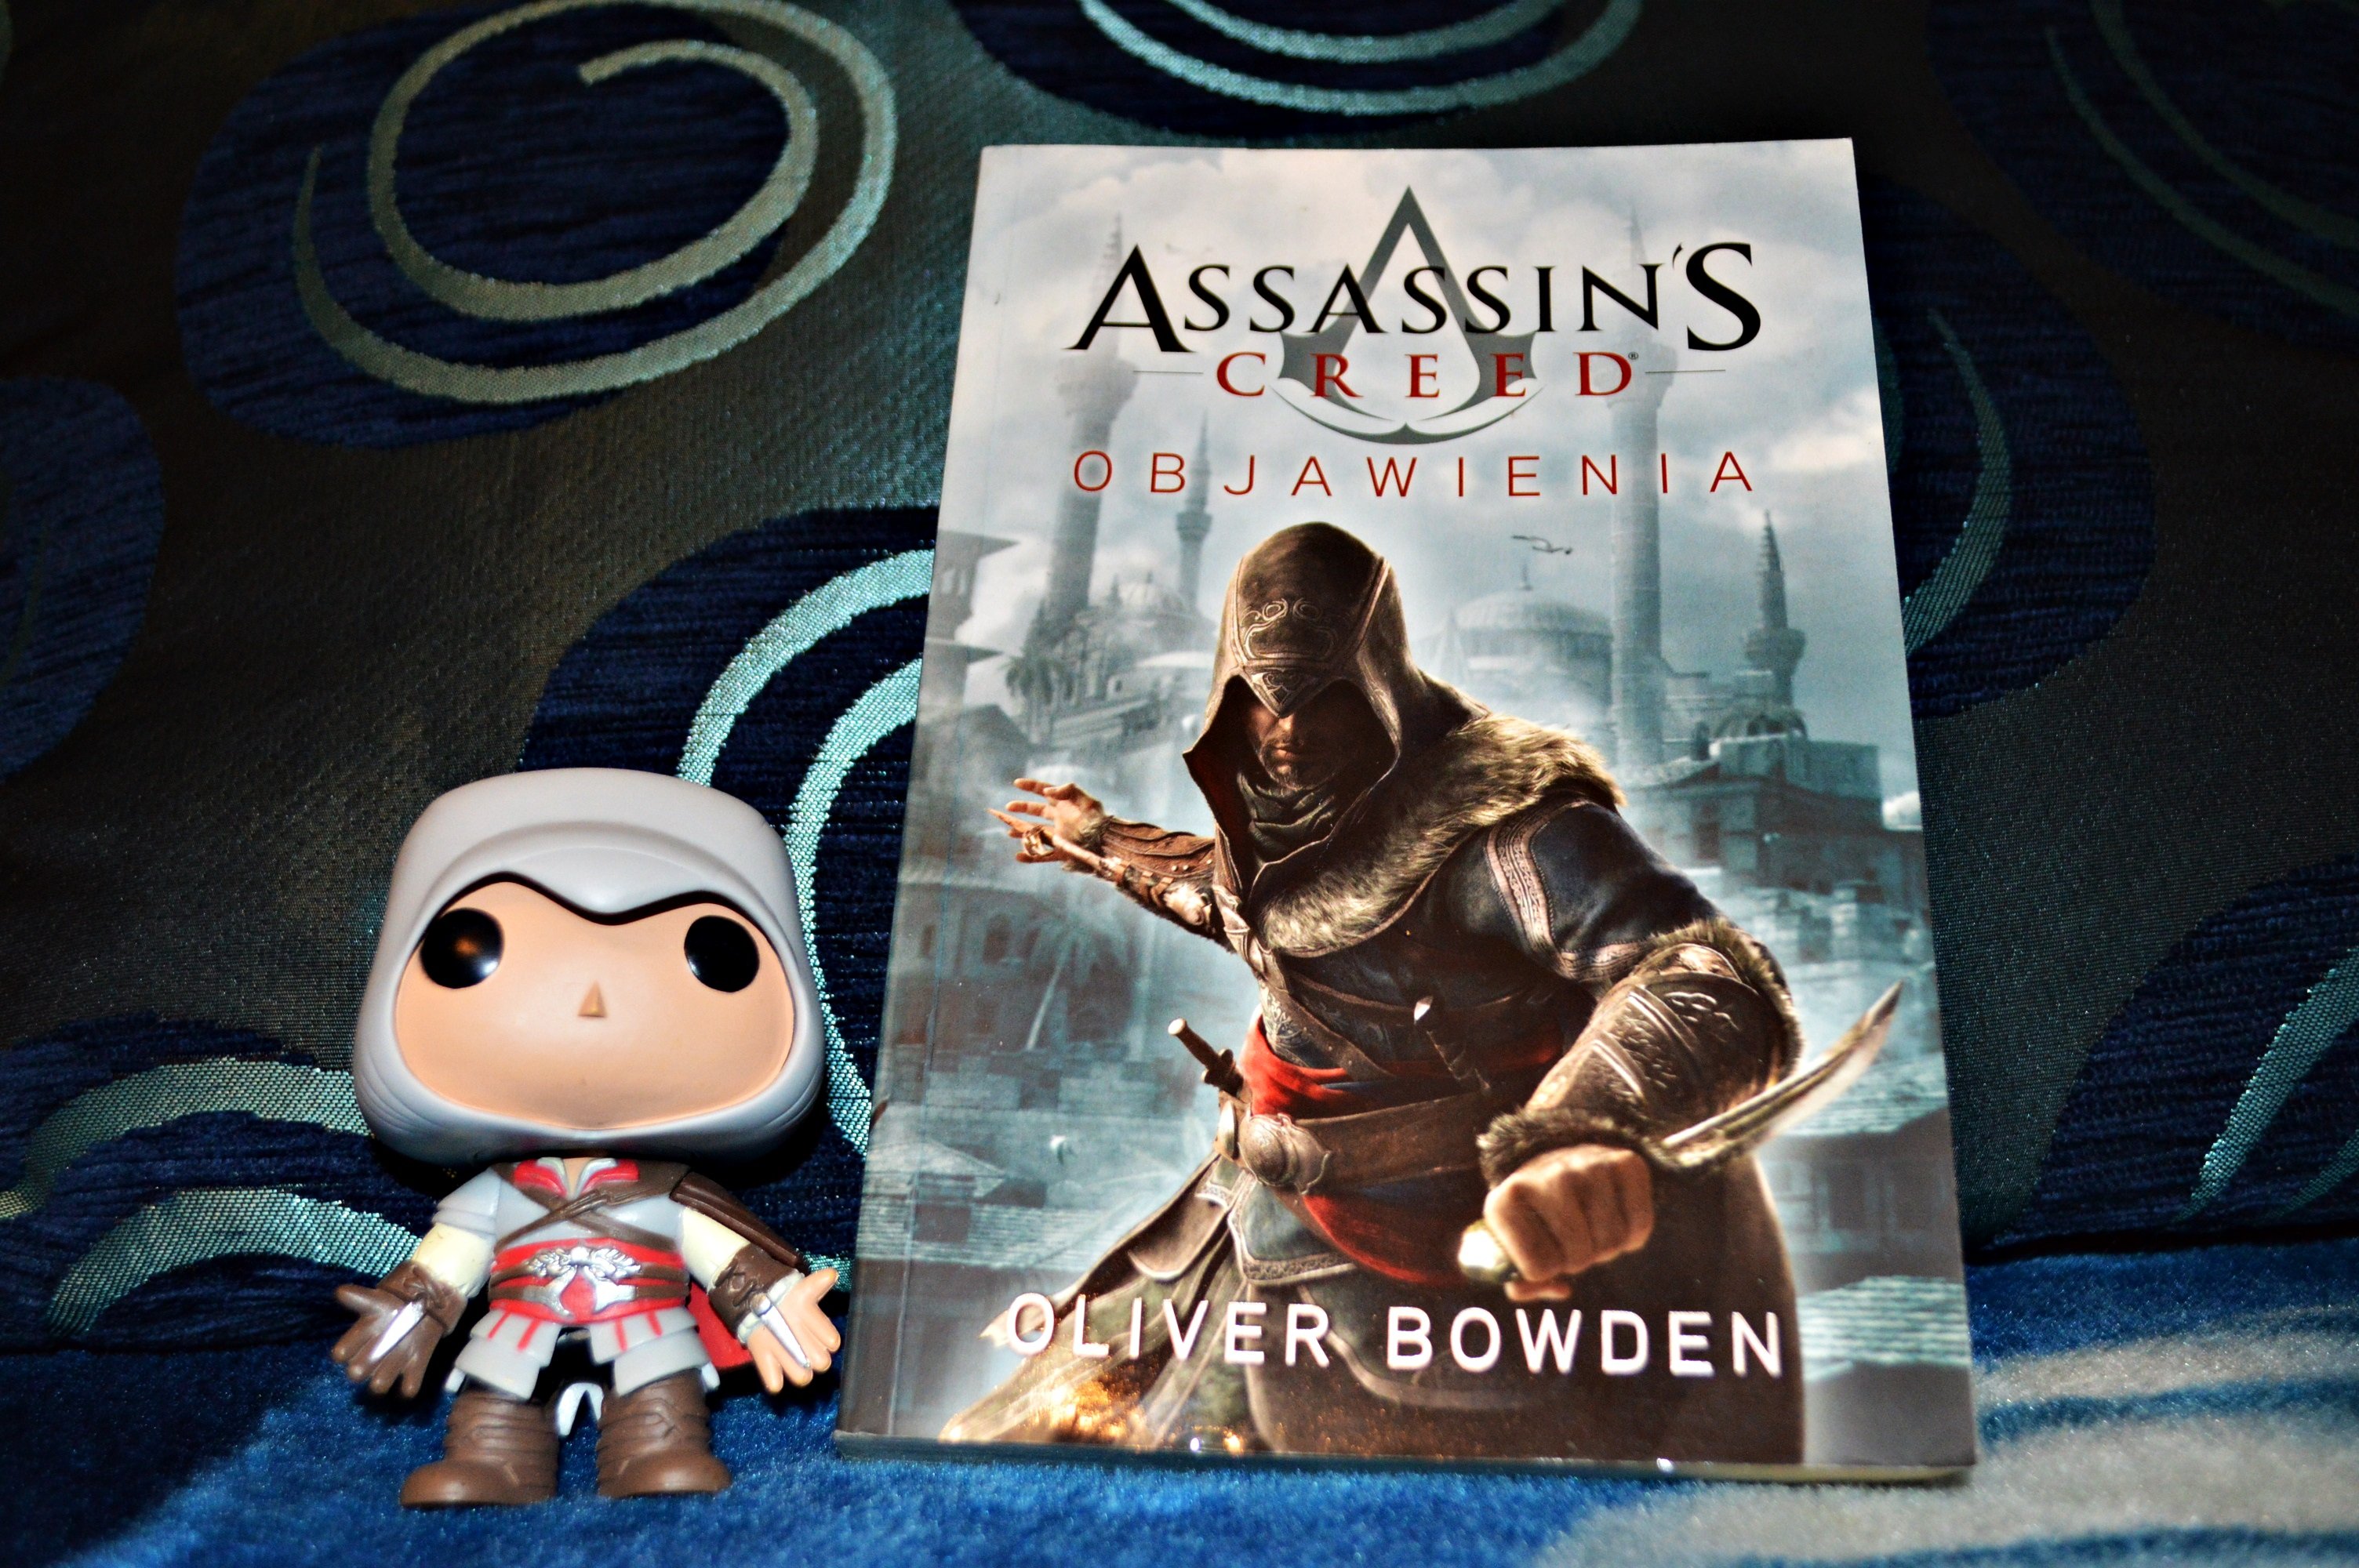 Assassin S Creed Objawienia Oliver Bowden Zazyjkultury